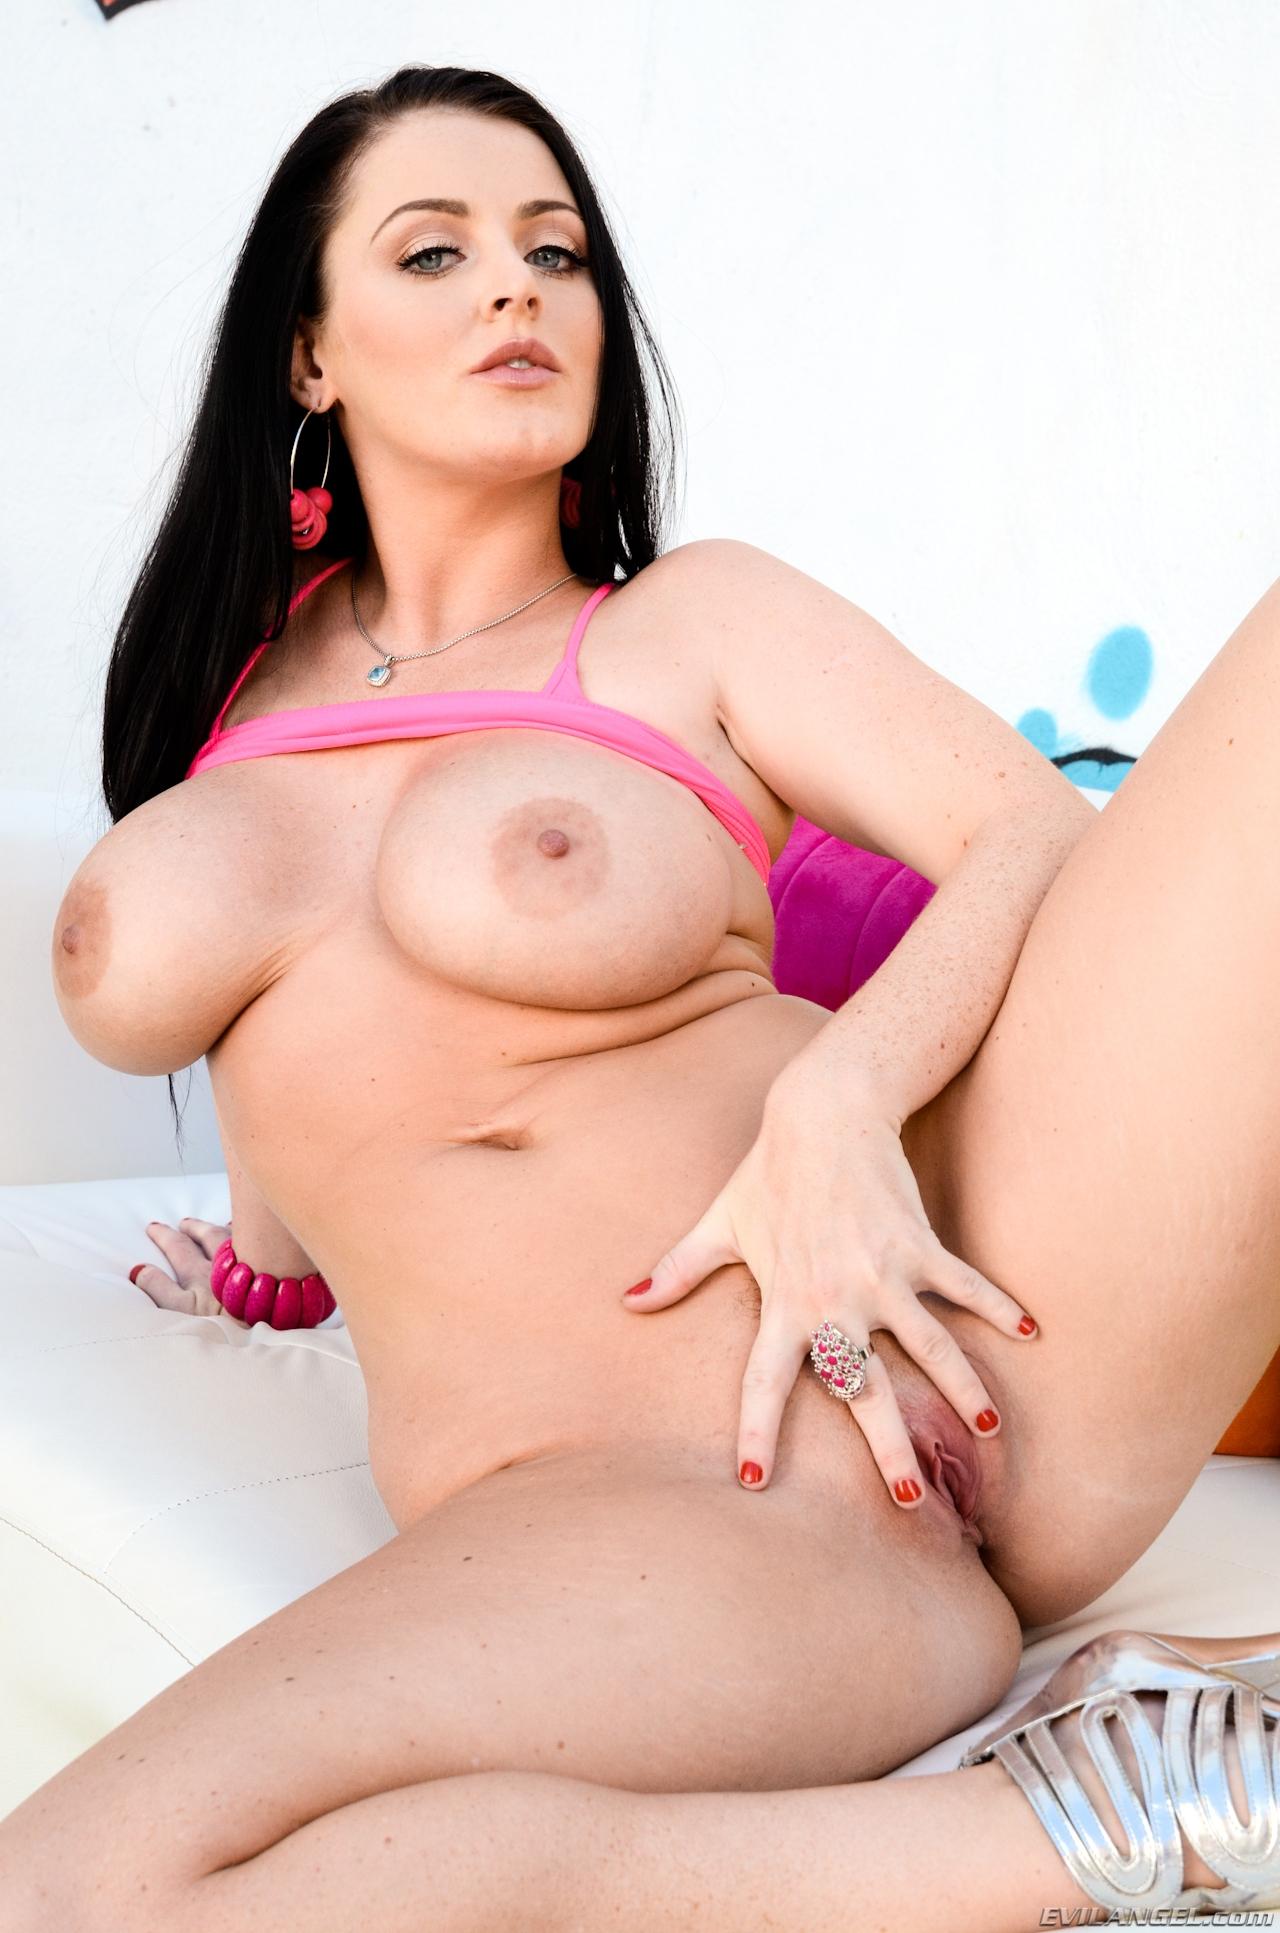 Raven riley porno